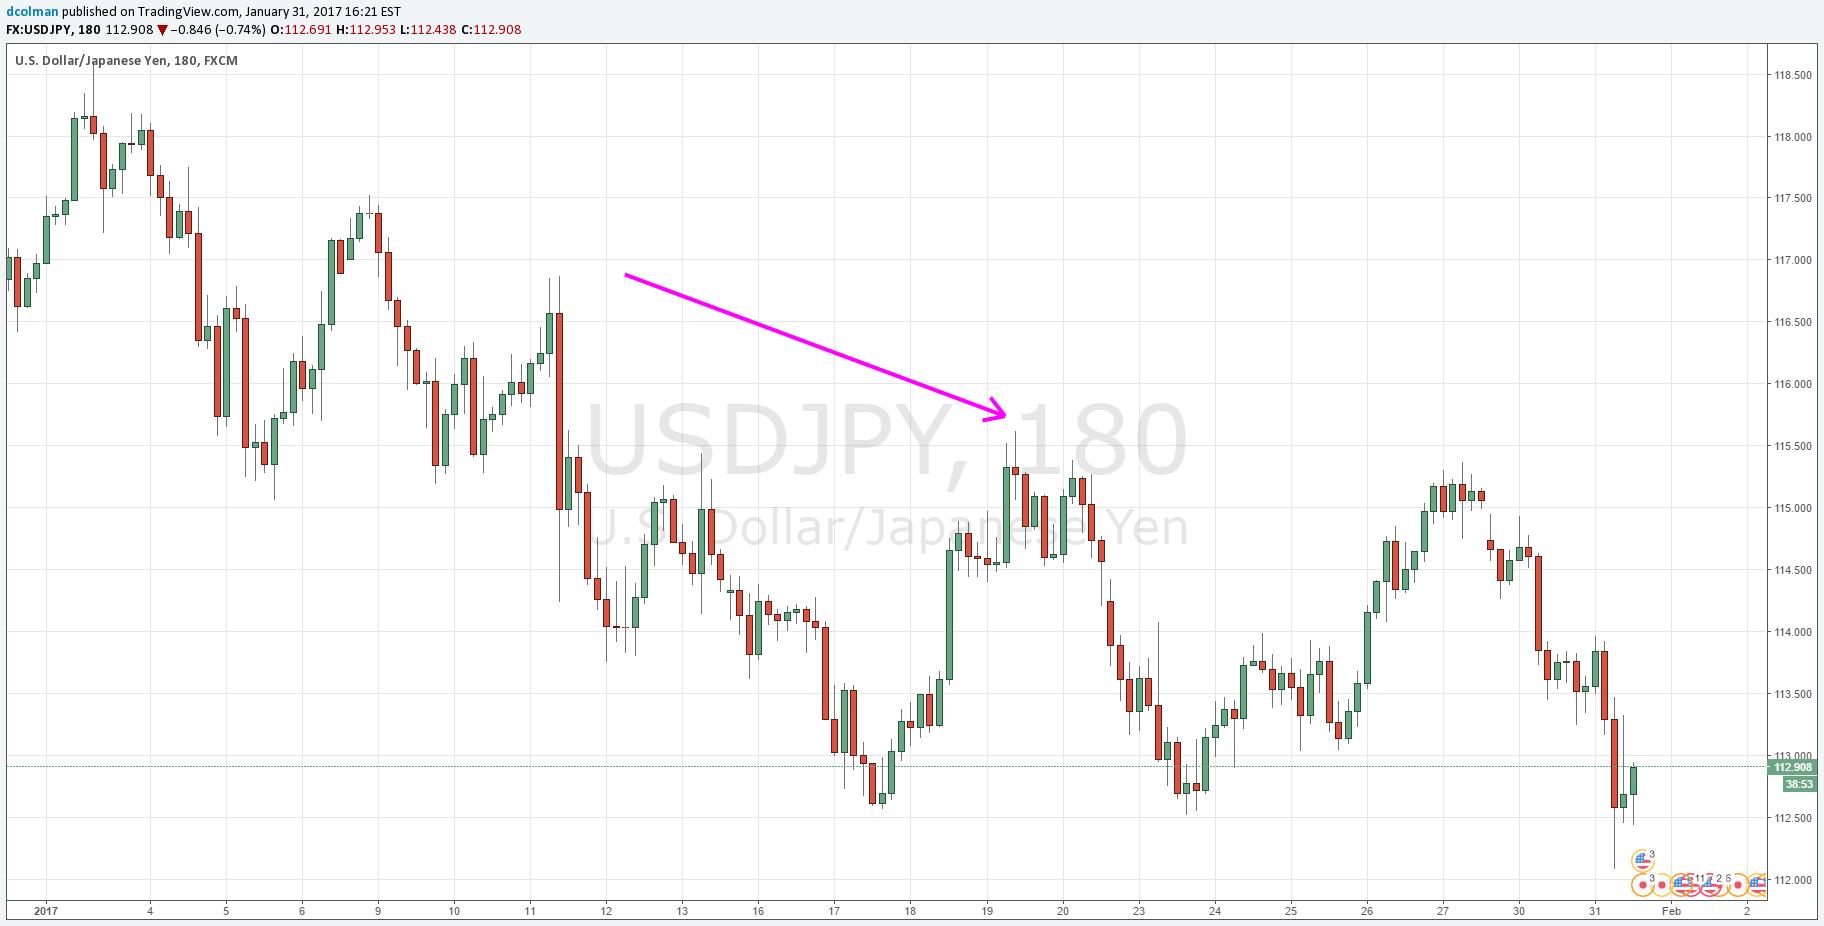 FOMC podría dar respiro al dólar; EUR/USD, USD/JPY en la mira